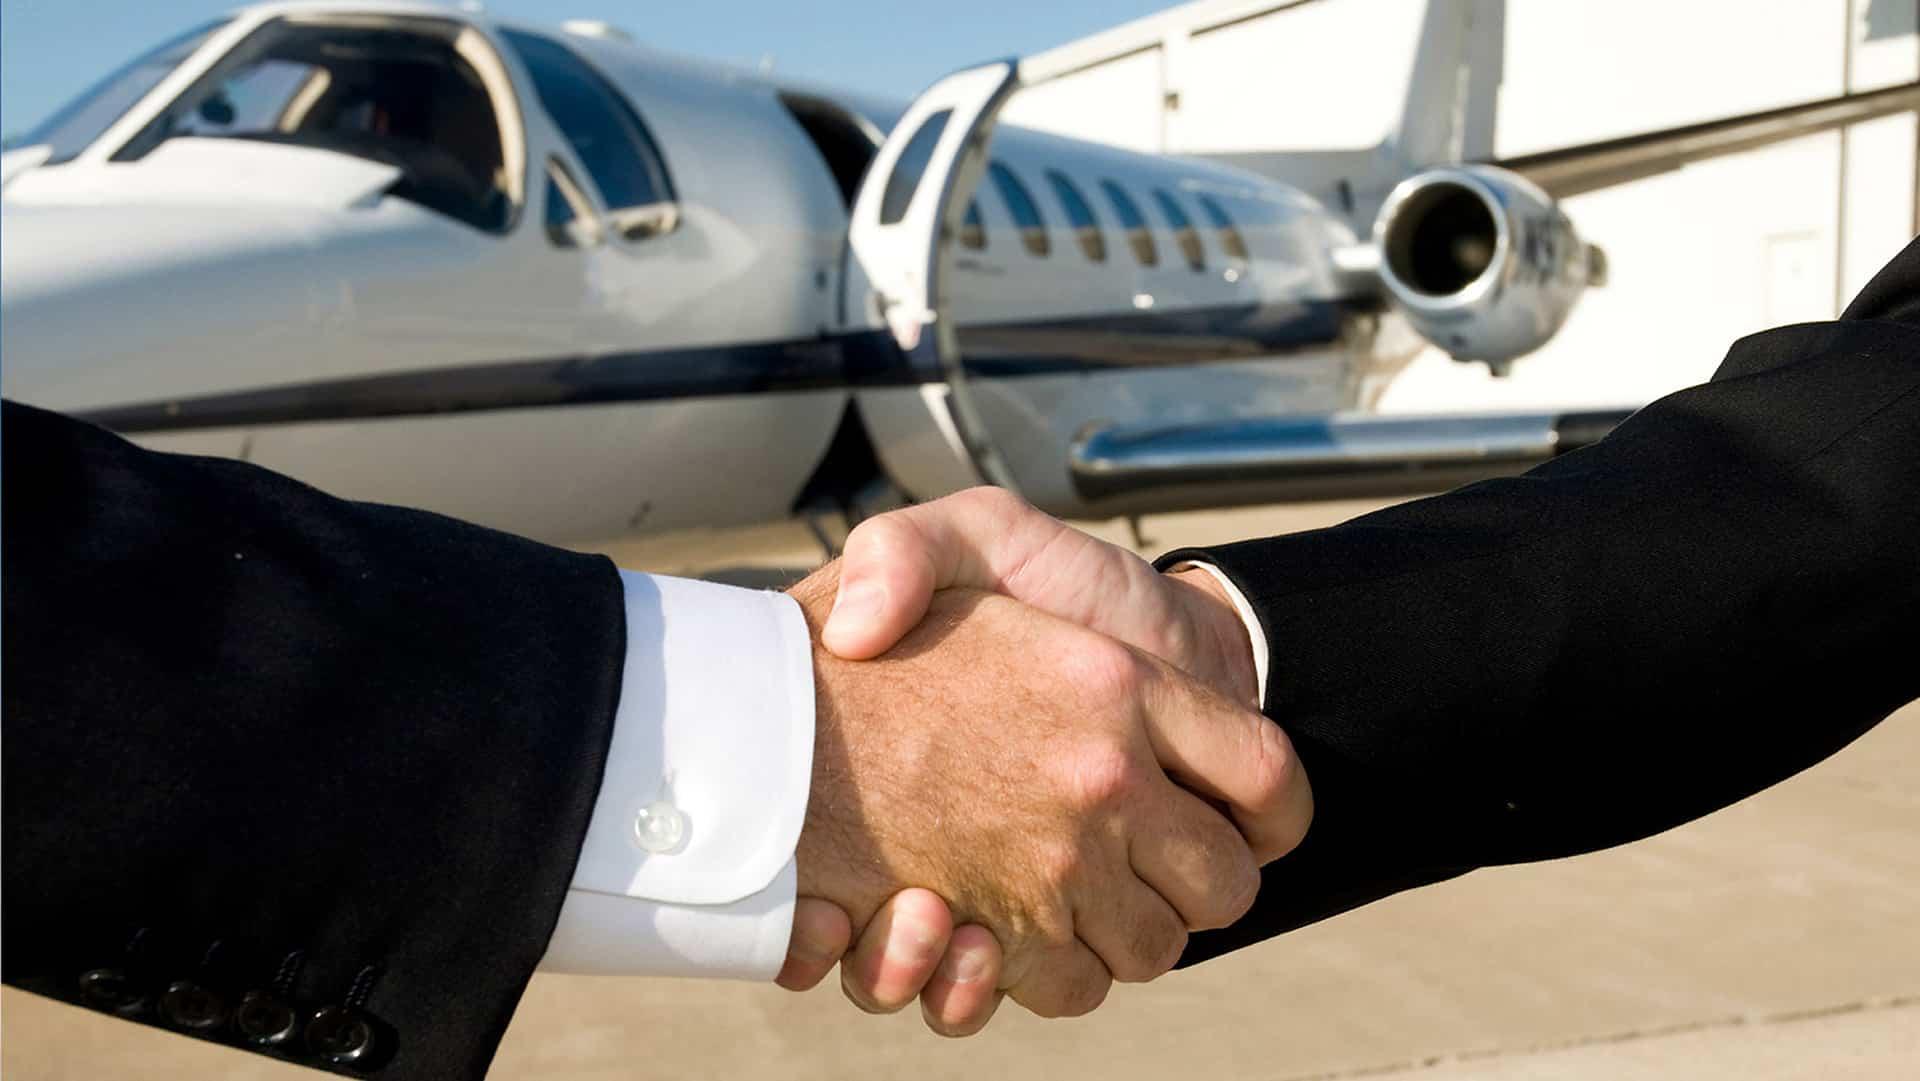 Entreprise : quel est l'intérêt des voyages d'affaires ?